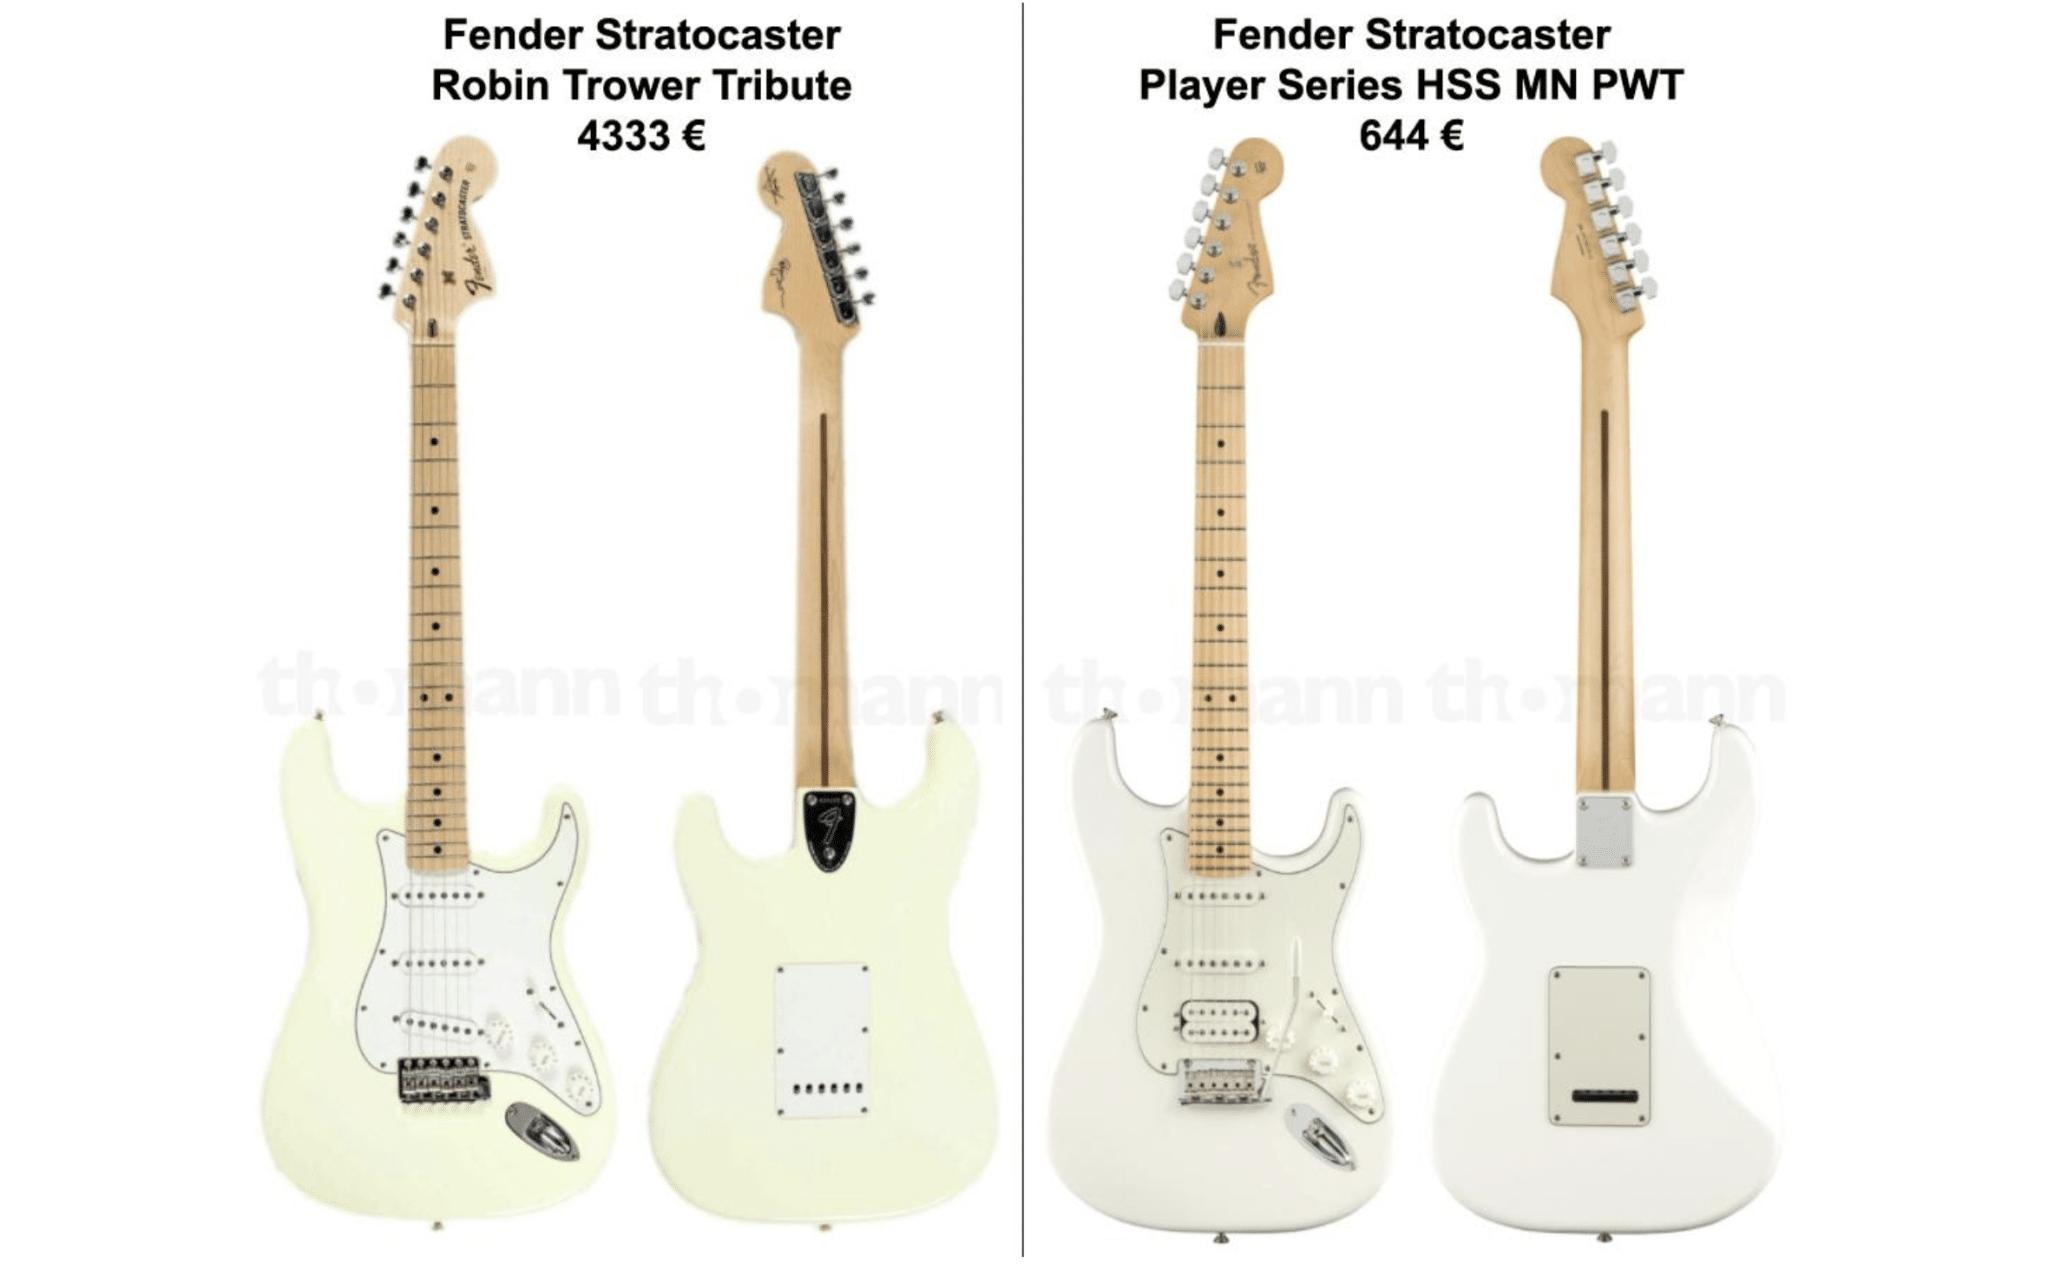 Fender Stratocaster - comparaison des modèles